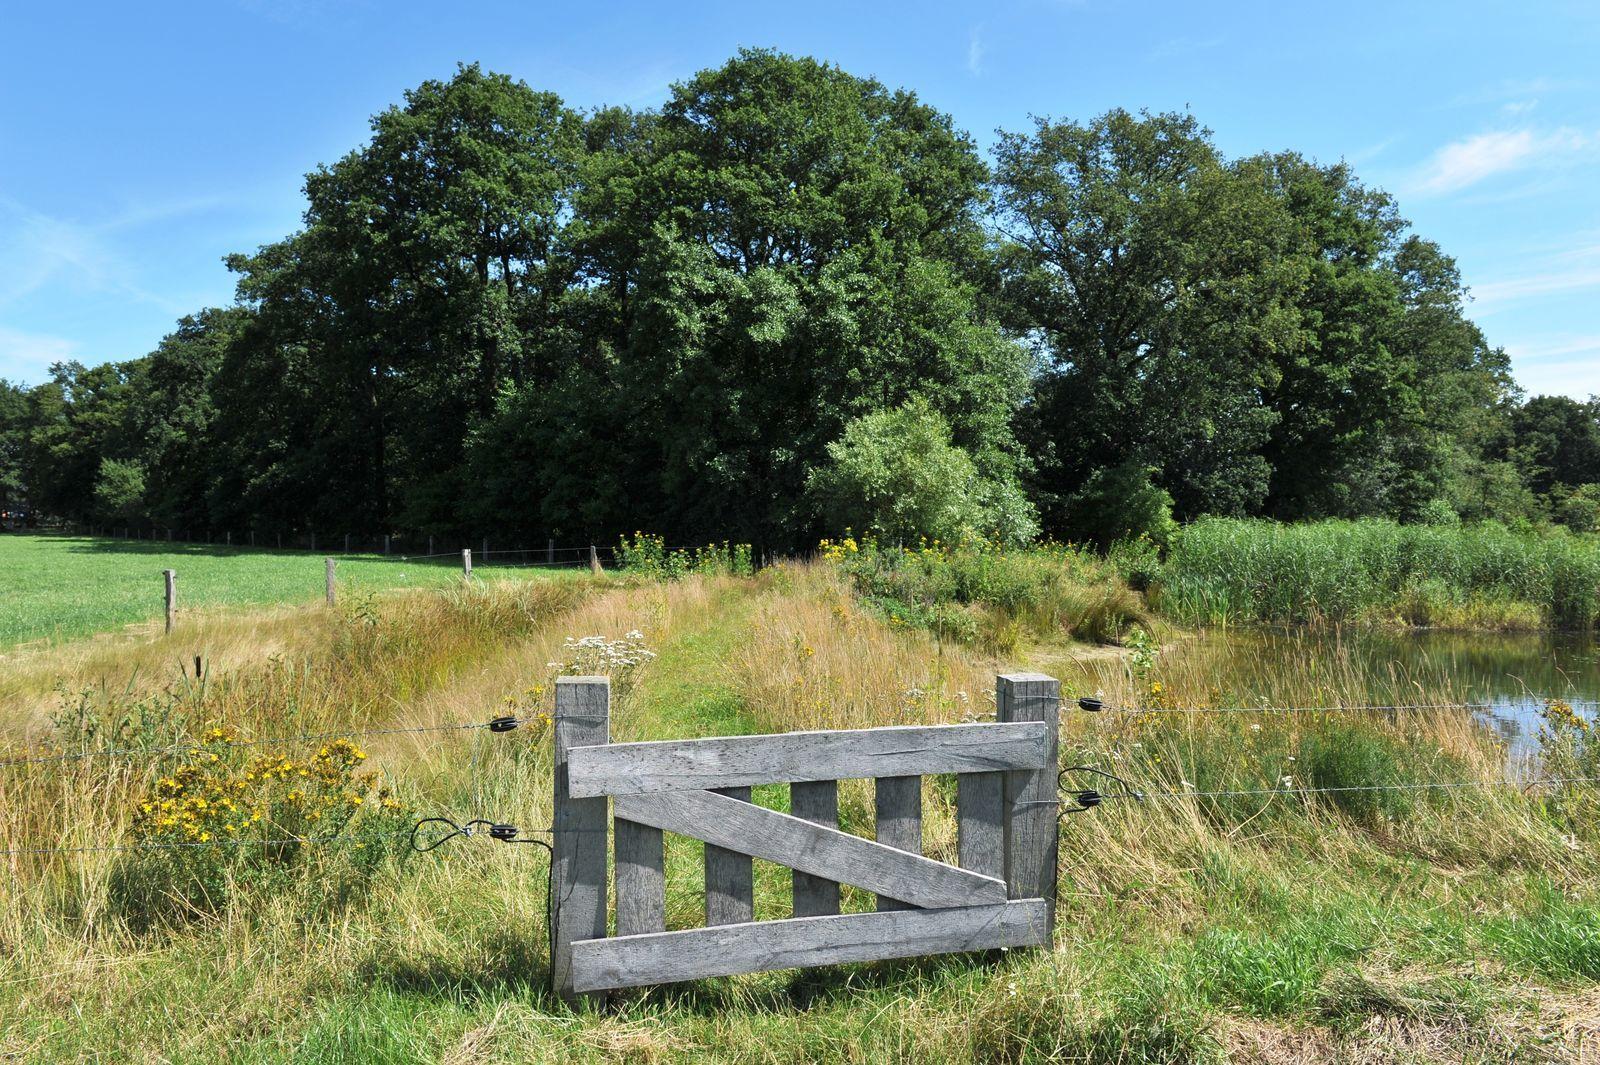 Twentse Buitenleven - Twin Lodgetent - romantisch kamperen op de boerderij